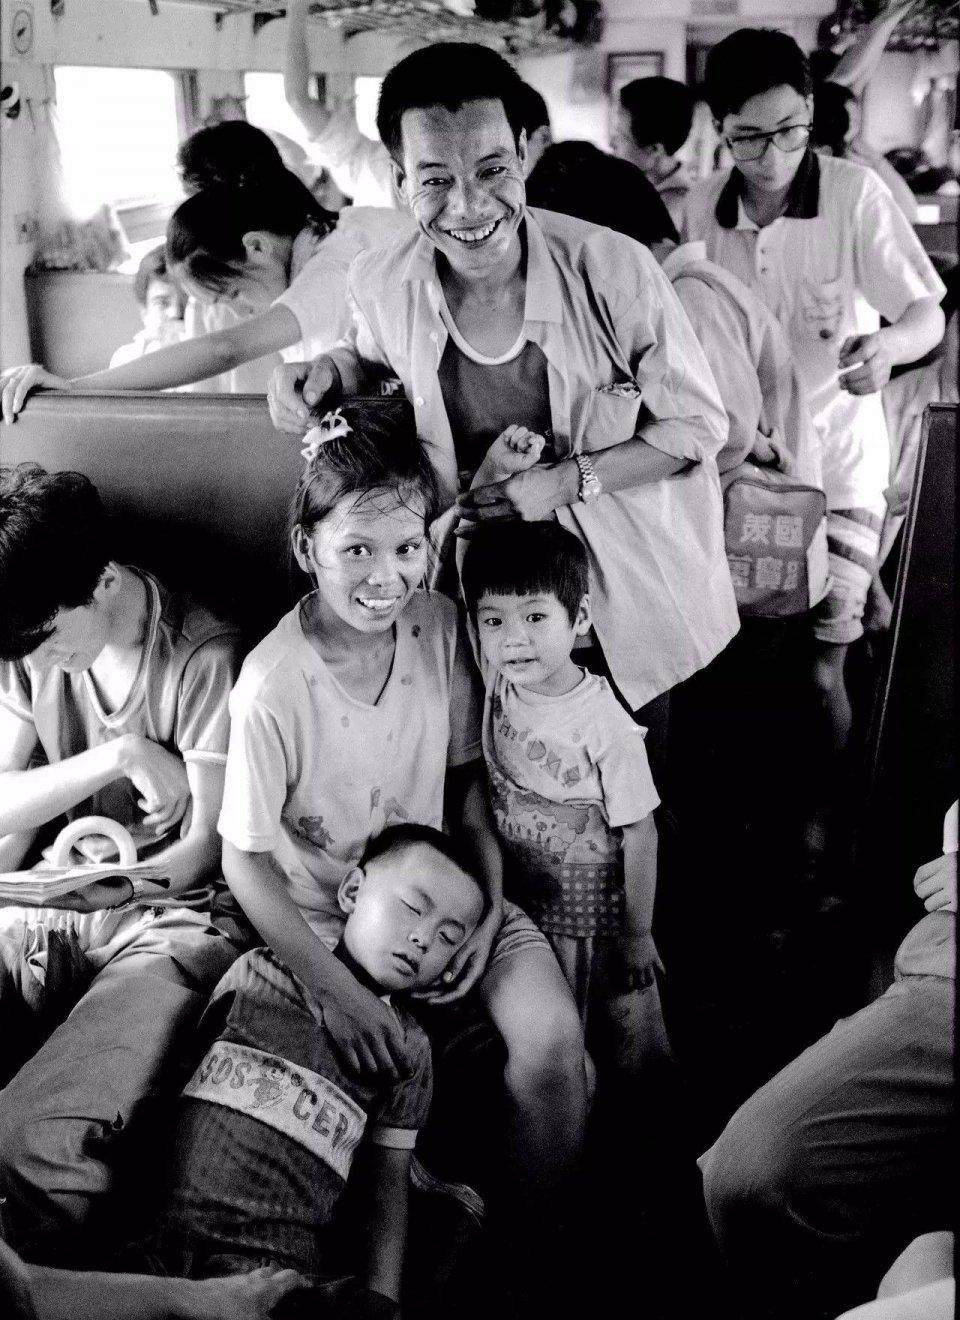 火車上的中國:喧譁躁動甚至雞飛狗跳的故事場 - 壹讀